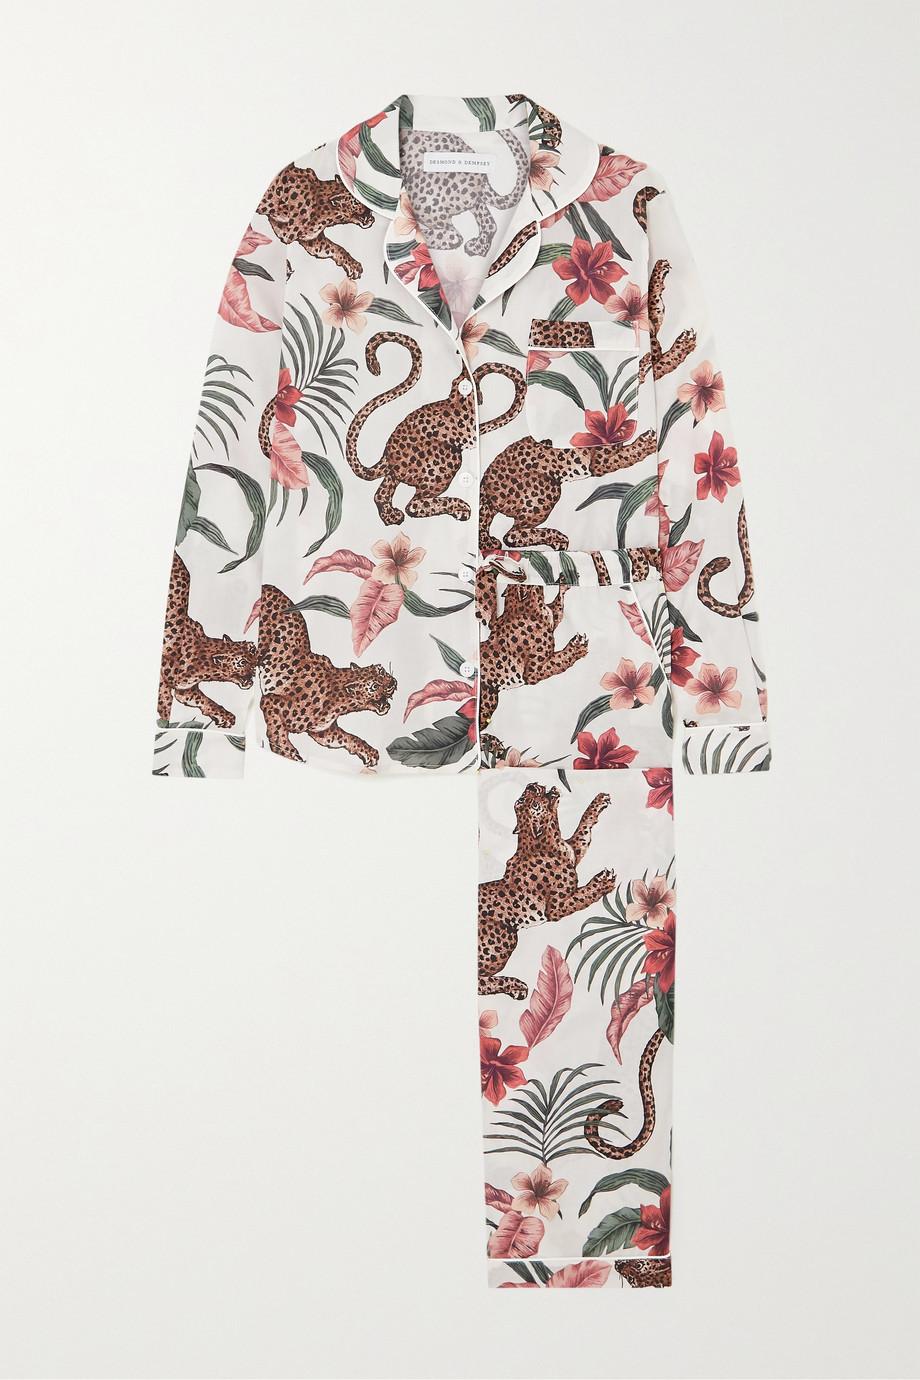 Pijama de algodón estampado (170 ¤) Desmond & Dempsey.